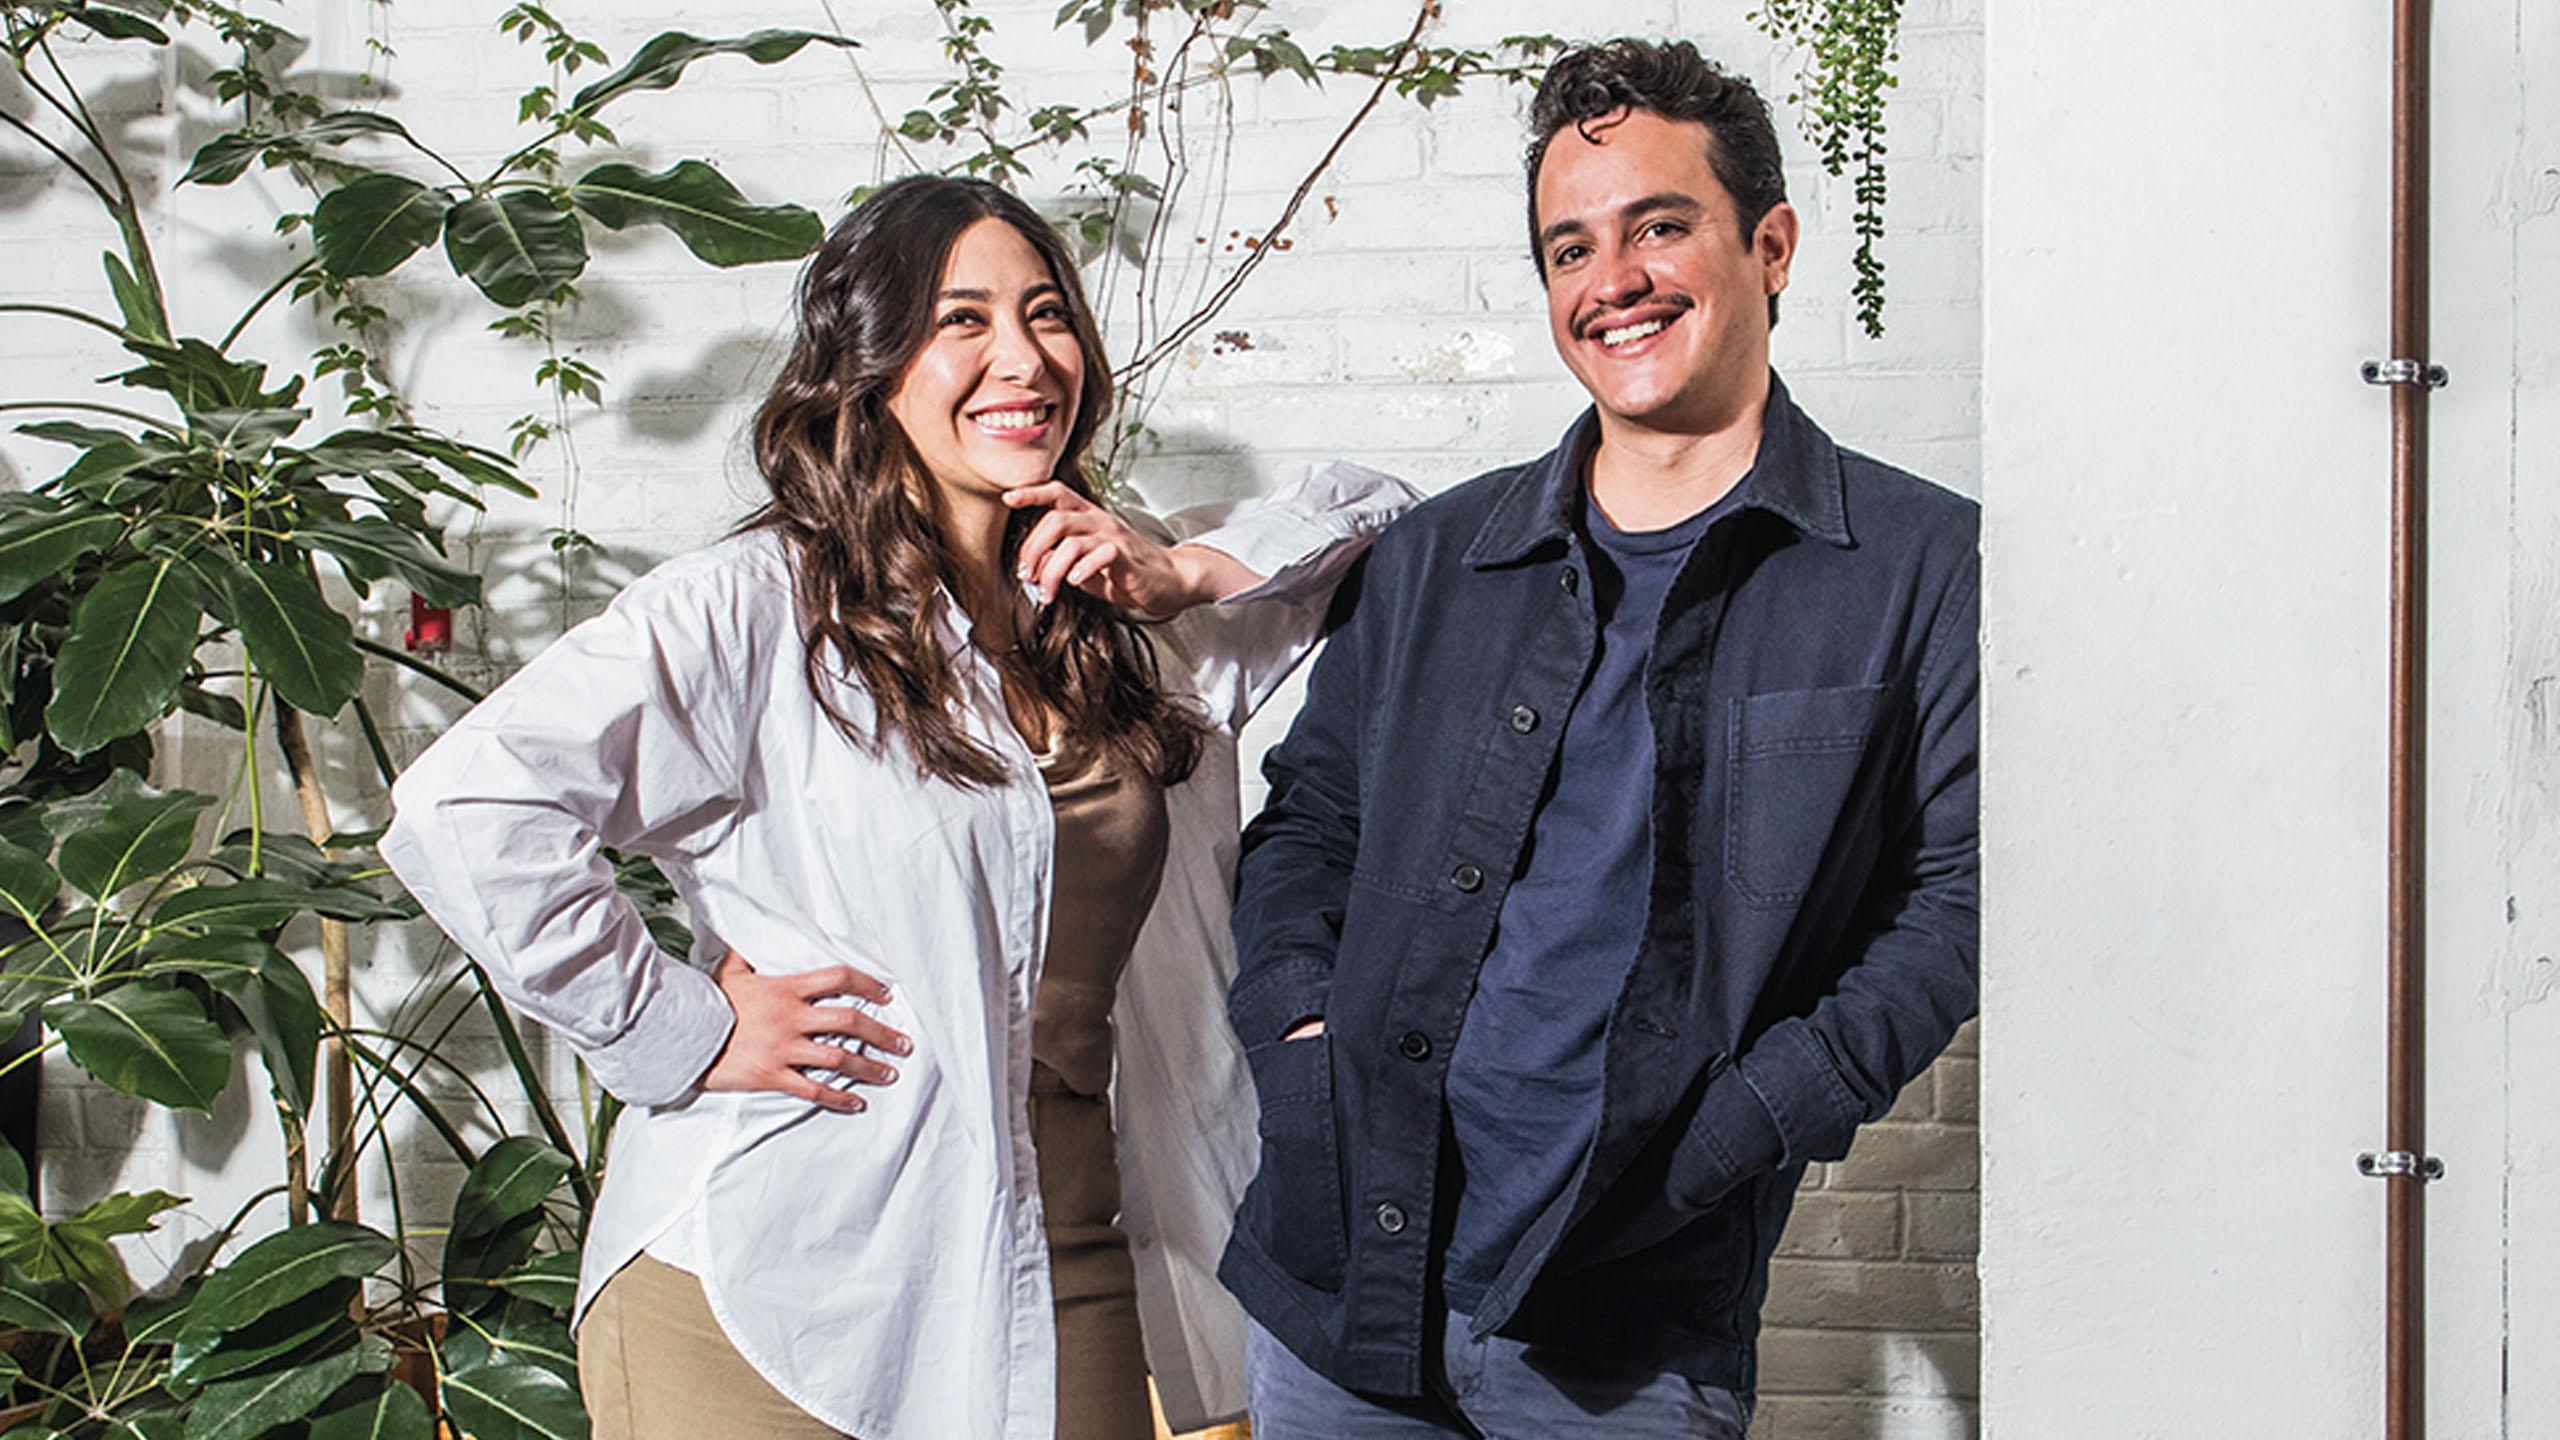 Rebeca Ortiz y Javier Piñero Best New Chefs 2021